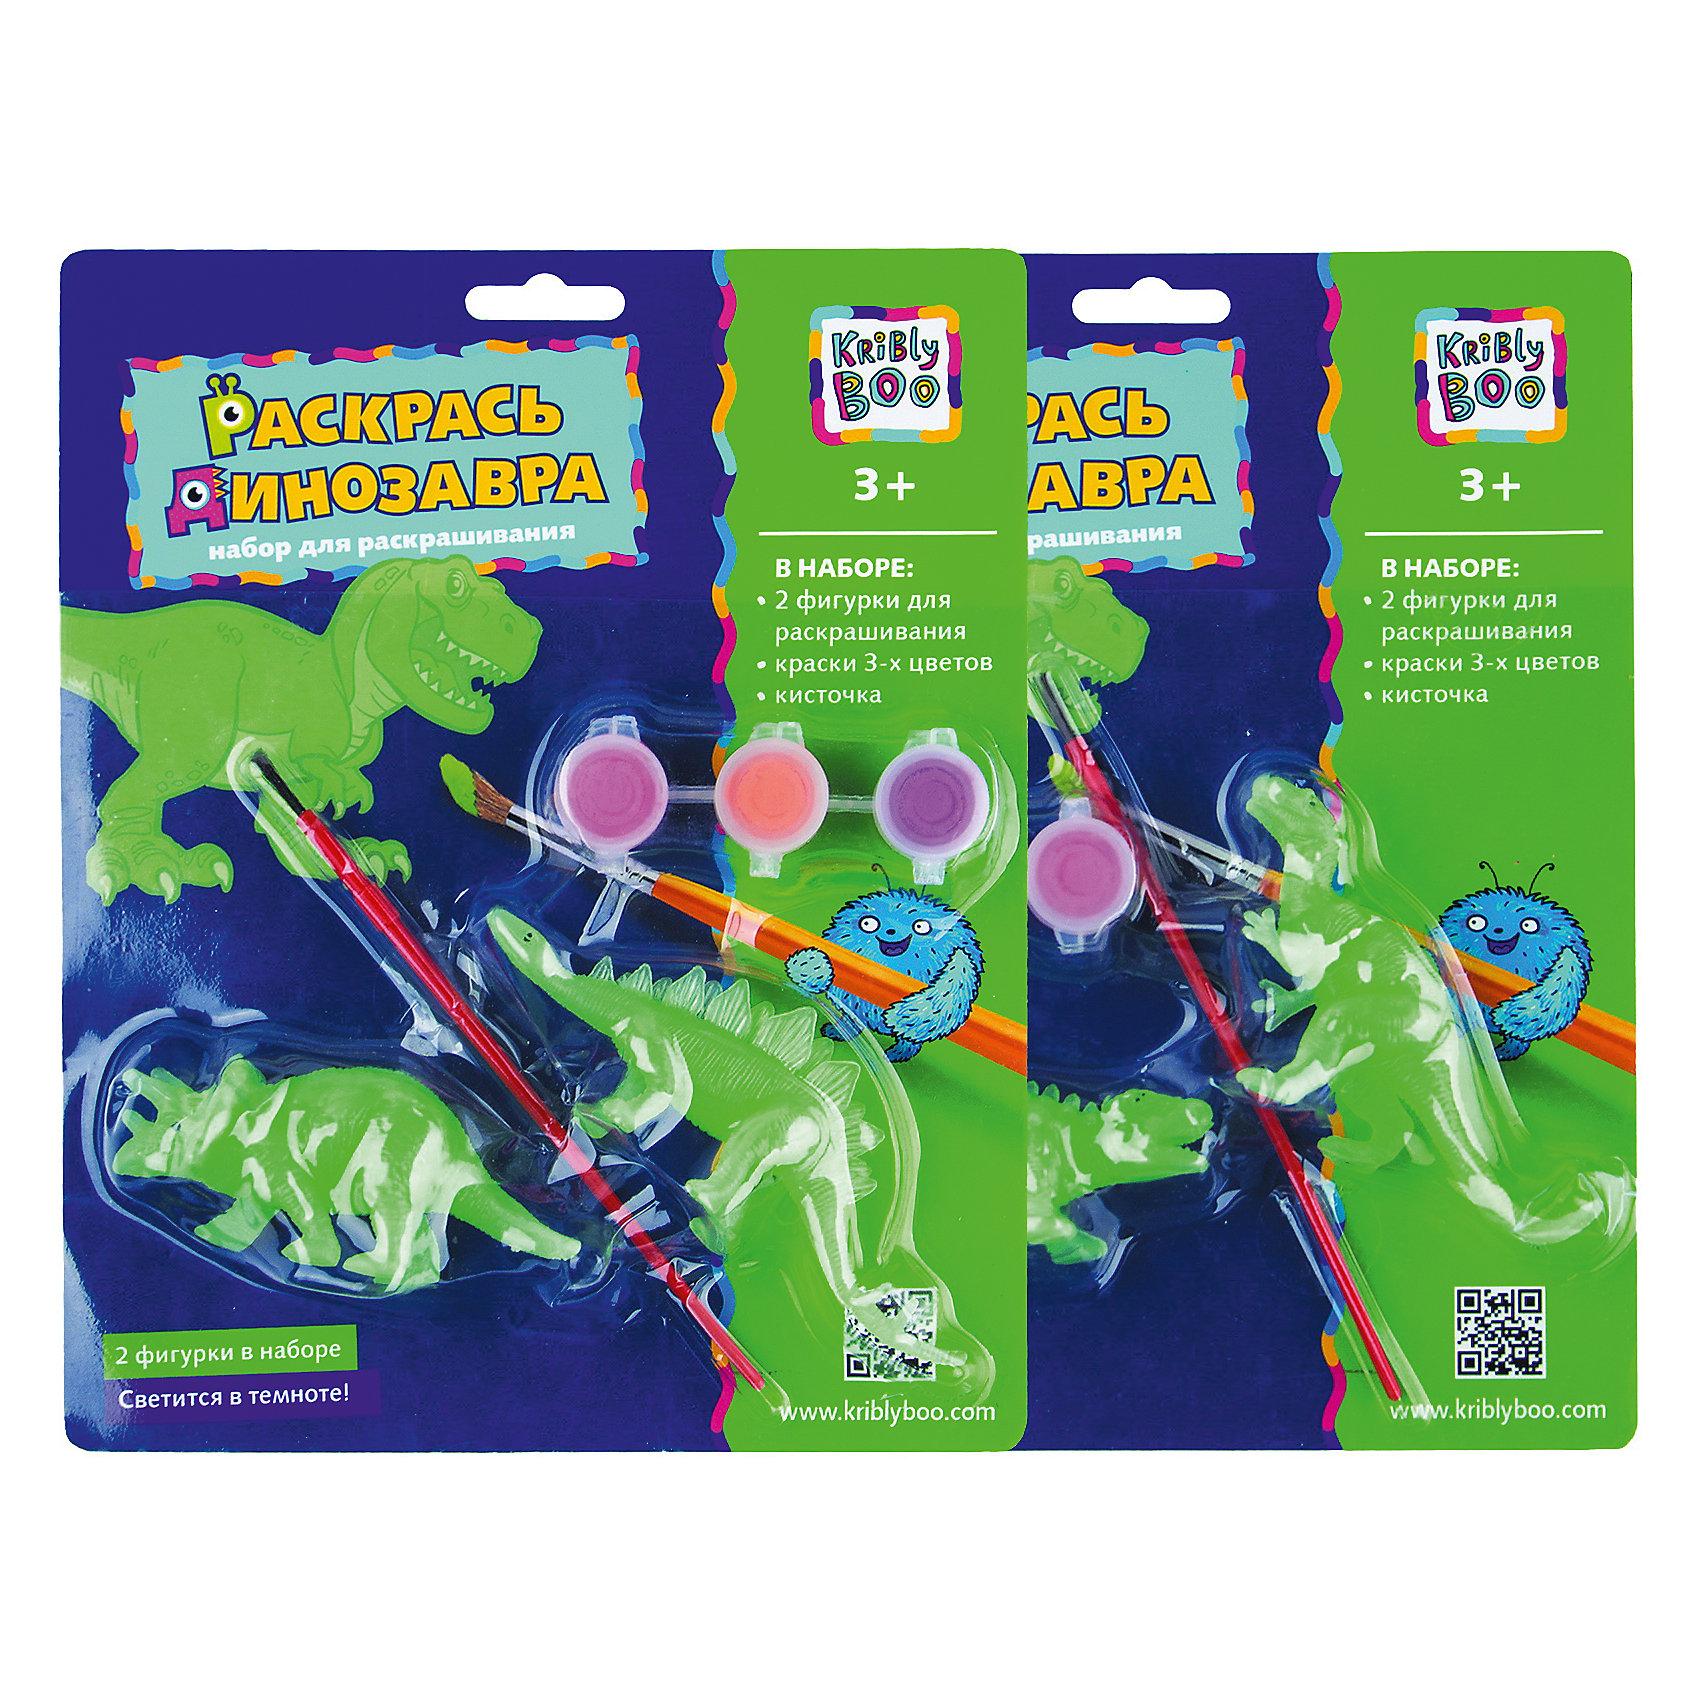 Набор Раскрась динозавра, светящийся в темноте, в ассортиментеДраконы и динозавры<br>Характеристики товара:<br><br>• материал: пластик, акрил<br>• размер: 20х24х4 см<br>• вес: 100 г<br>• комплектация: 3 динозавра, краски 3 цвета, кисть<br>• фигурки светятся в темноте<br>• развивающая<br>• возраст: от трех лет<br>• страна бренда: Финляндия<br>• страна изготовитель: Китай<br><br>Такая раскраска станет отличным подарком малышам! Она отличается тем, что сделана в виде объемных динозавров! Ддля раскрашивания к ней прилагаются кисть и краски. С помощью раскрашивания ребенок не только весело проведет время, он будет тренировать внимательность, абстрактное мышление, логику, усидчивость, мелкую моторику и творческие способности. <br>Раскраска выпущена в удобном формате. Изделие производится из качественных и проверенных материалов, которые безопасны для детей.<br><br>Набор Раскрась динозавра, светящийся в темноте, от бренда KriBly Boo можно купить в нашем интернет-магазине.<br><br>Ширина мм: 240<br>Глубина мм: 200<br>Высота мм: 40<br>Вес г: 125<br>Возраст от месяцев: 36<br>Возраст до месяцев: 2147483647<br>Пол: Мужской<br>Возраст: Детский<br>SKU: 4563990